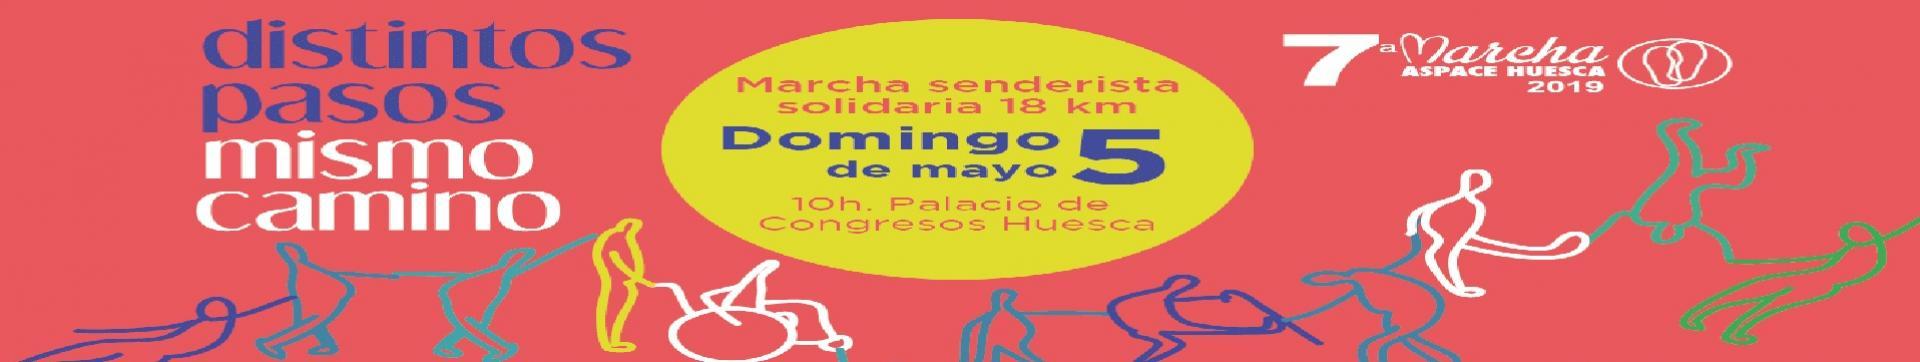 MARCHA ASPACE HUESCA 2019